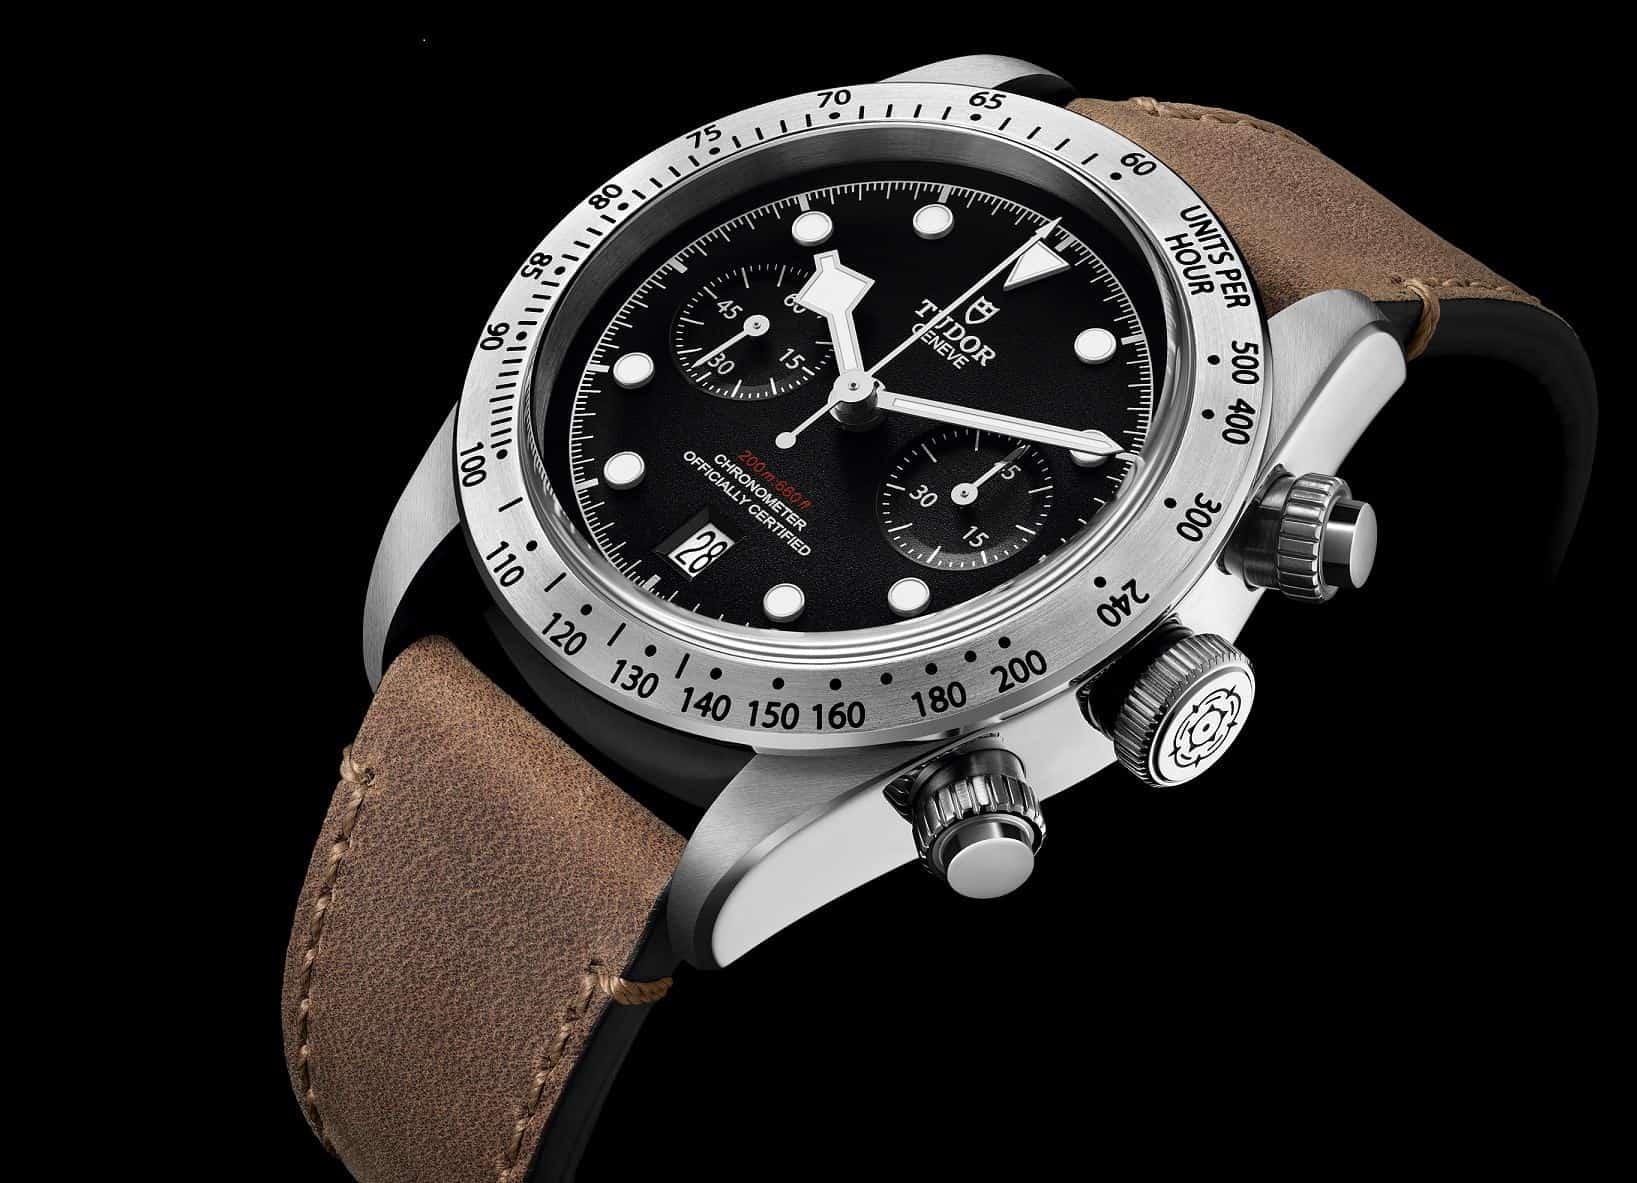 Die Black Bay Chronograph von Tudor ist ein sportlicher Entwurf